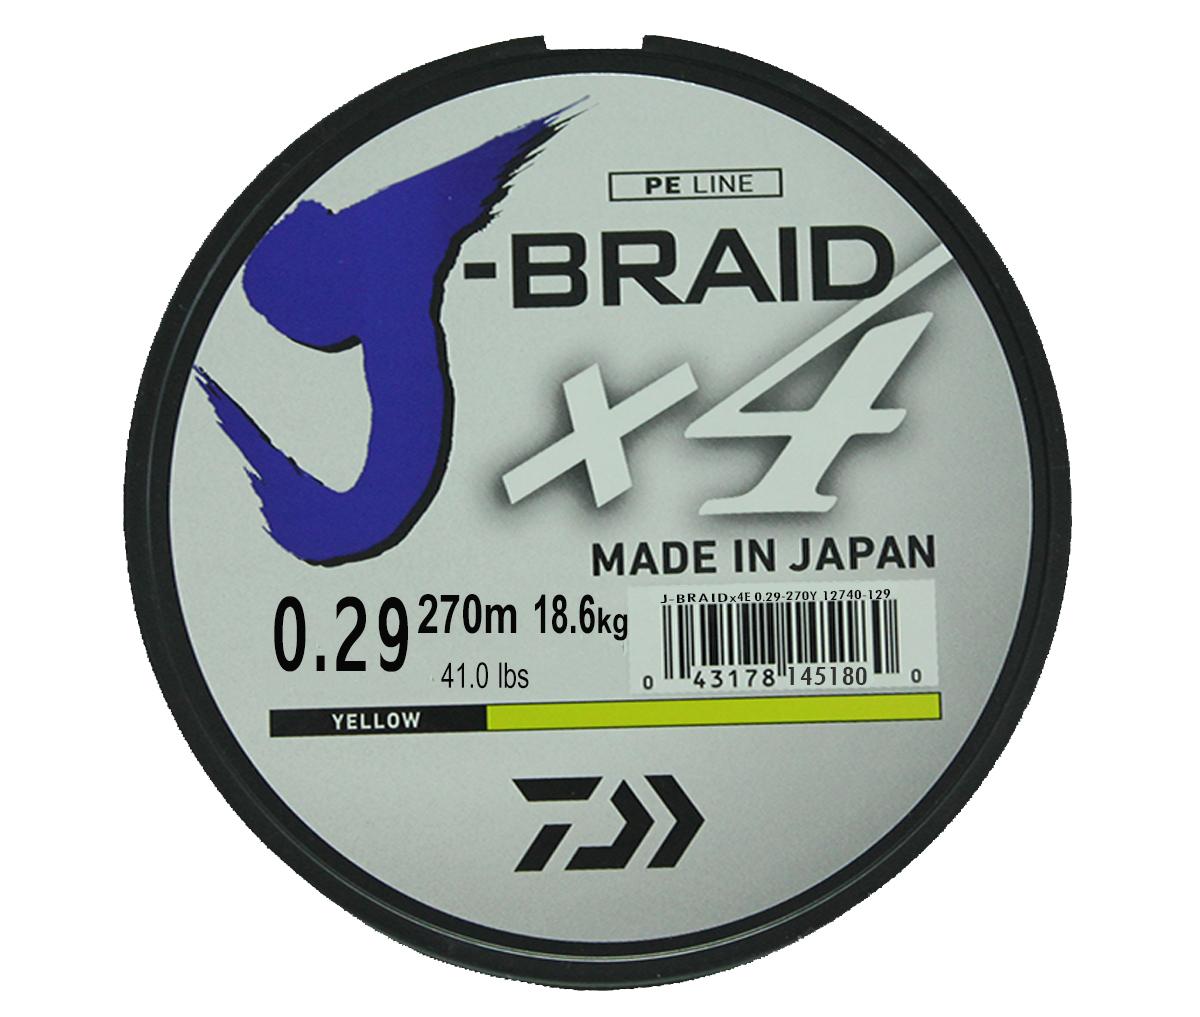 Шнур плетеный Daiwa J-Braid X4, цвет: флуоресцентный желтый, 270 м, 0,29 мм61154Новый 4х жильный шнур J-Braid, DAIWA - шнур высокого класса с удивительным соотношением цены и качества. Качество плетения полностью соответствует японским стандартам и удовлетворяет всем требованиям. Представленные диаметры позволяют использовать шнур для всех техник ловли, начиная от ultra- light ловли окуня, до морской ловли палтуса, трески и т.д